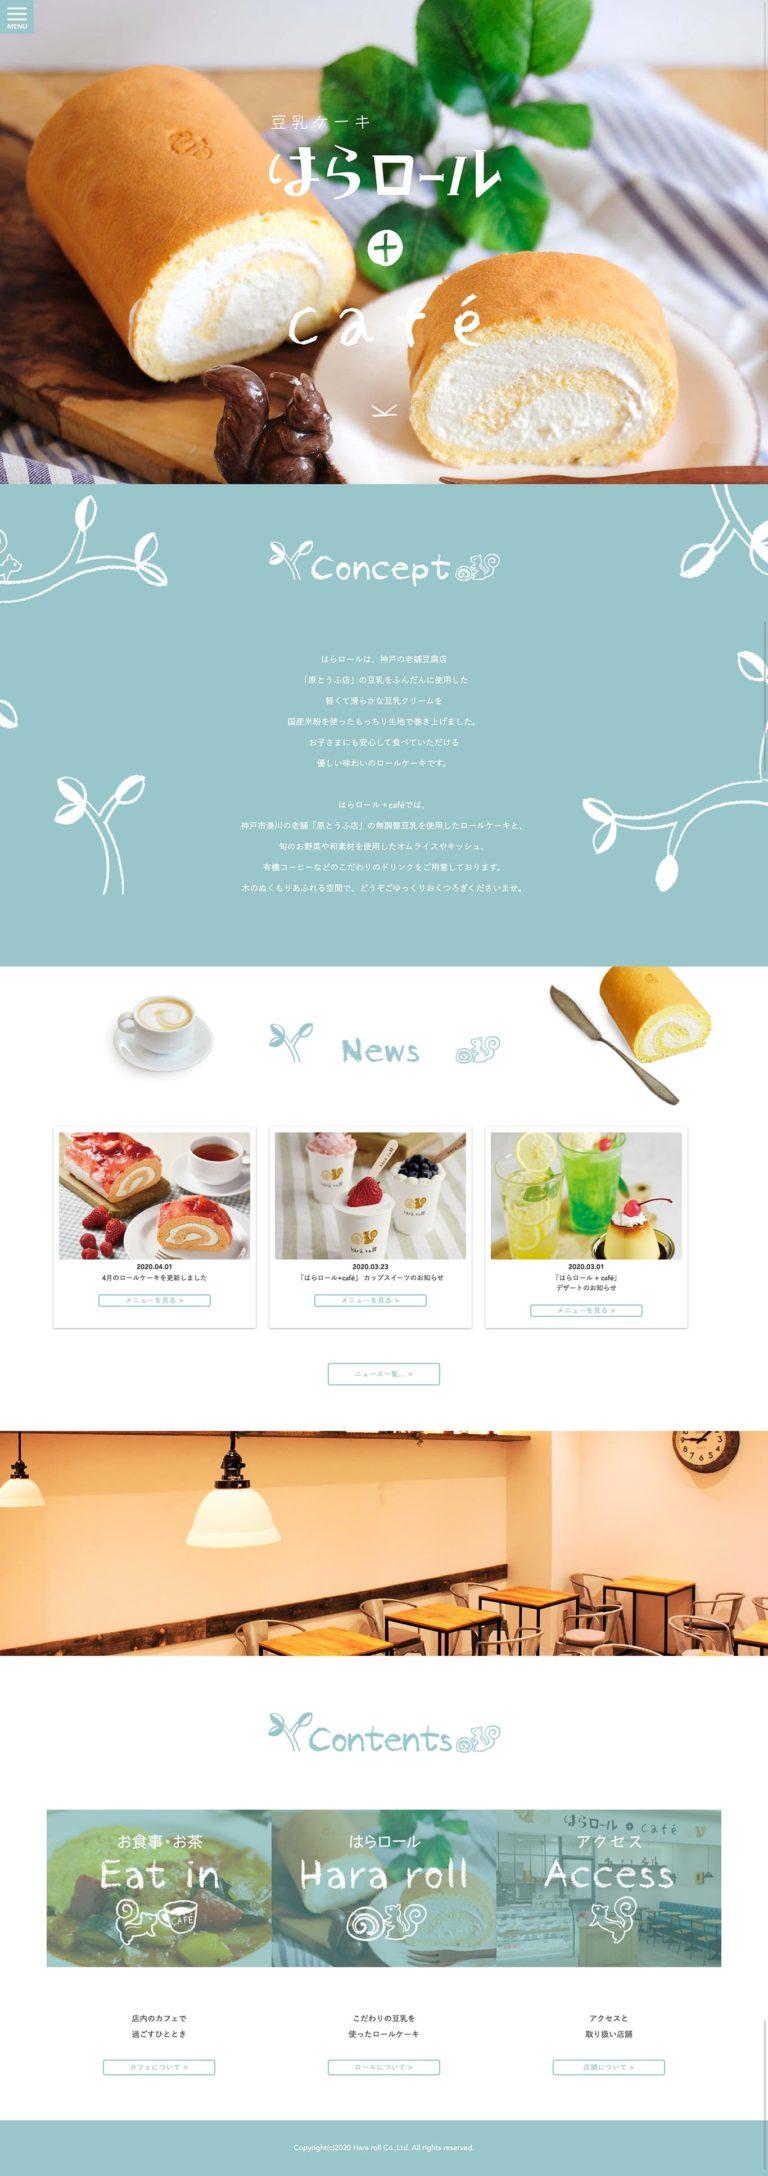 はらロール +cafe 公式サイト